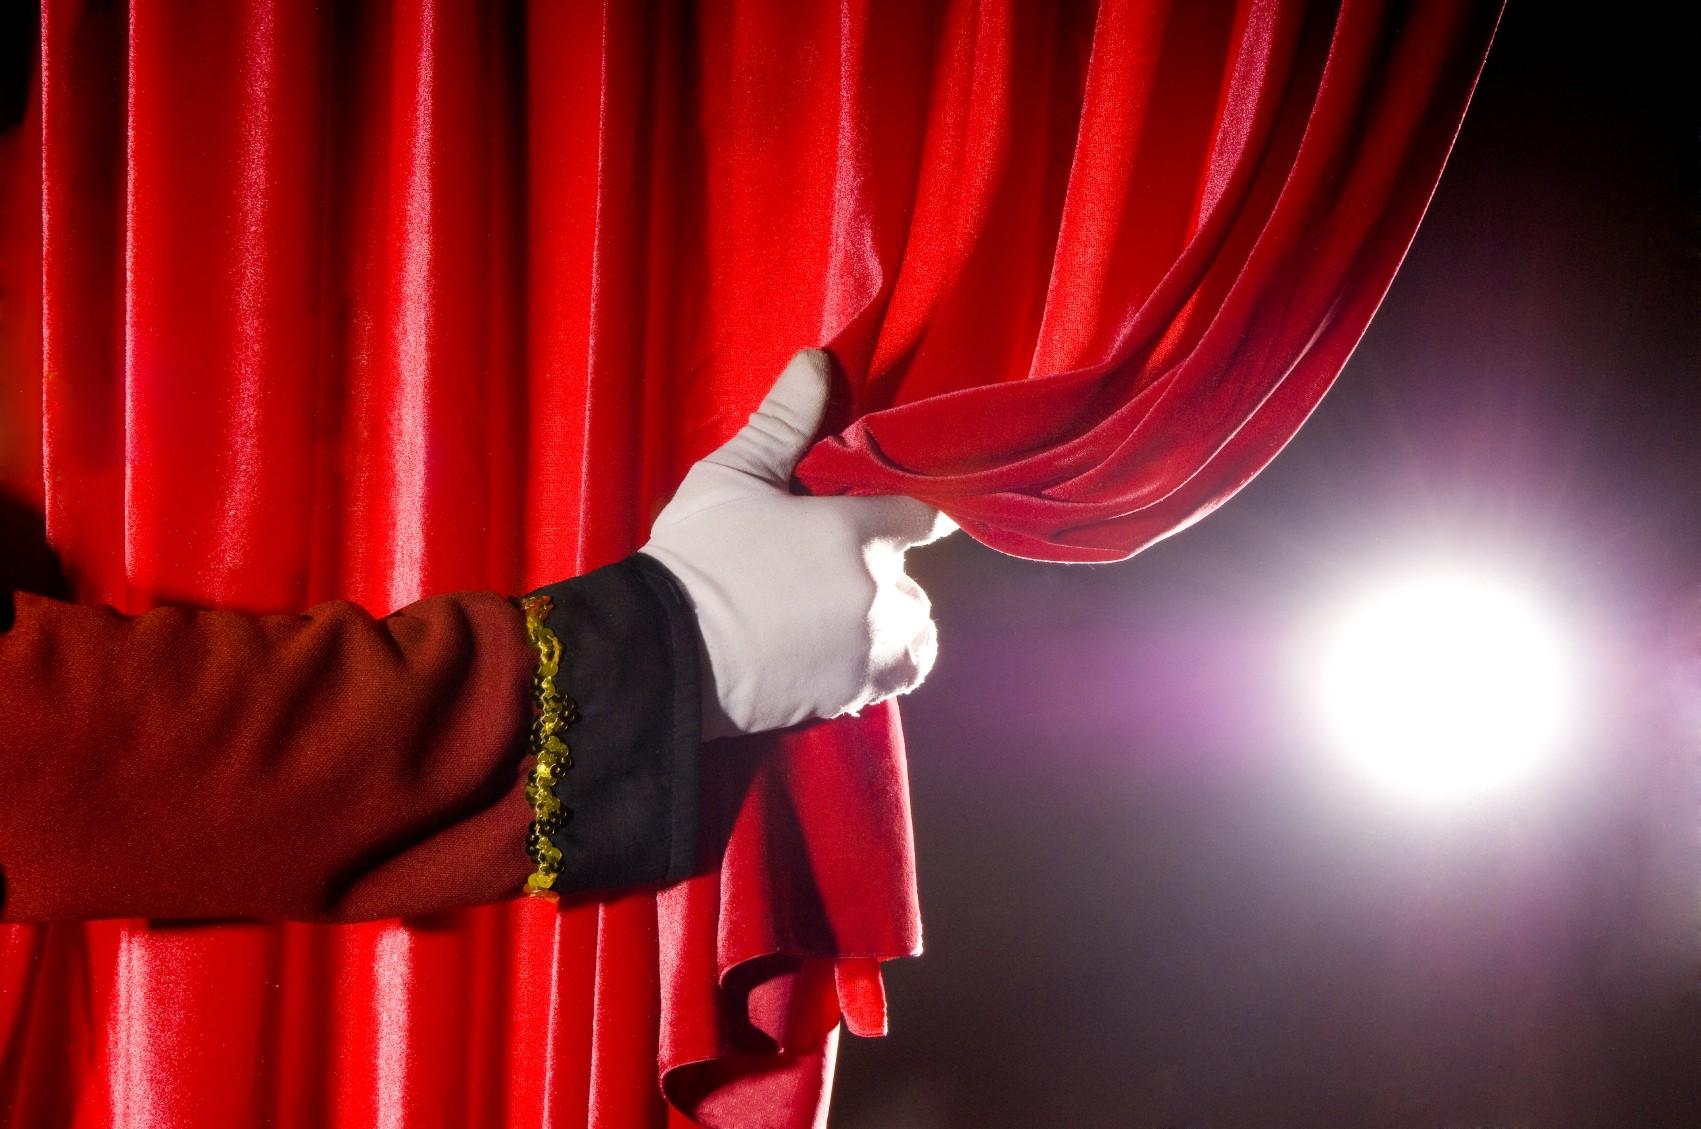 29 августа состоится генеральная репетиция оперы М. Глинки «Руслан и Людмила»